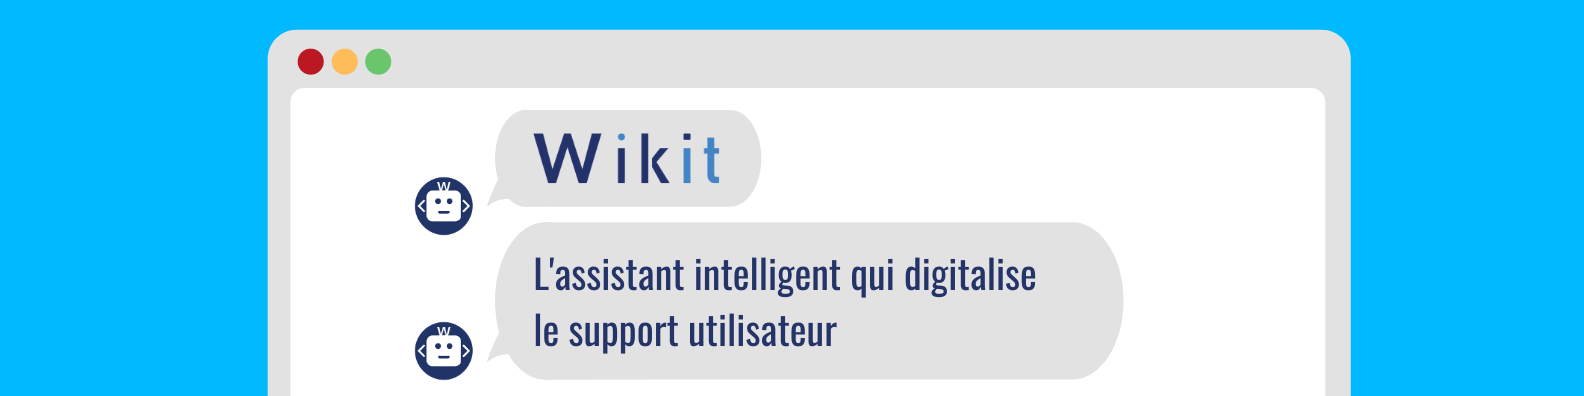 Avis Wikit : La solution de chatbot qui digitalise le support utilisateur - appvizer